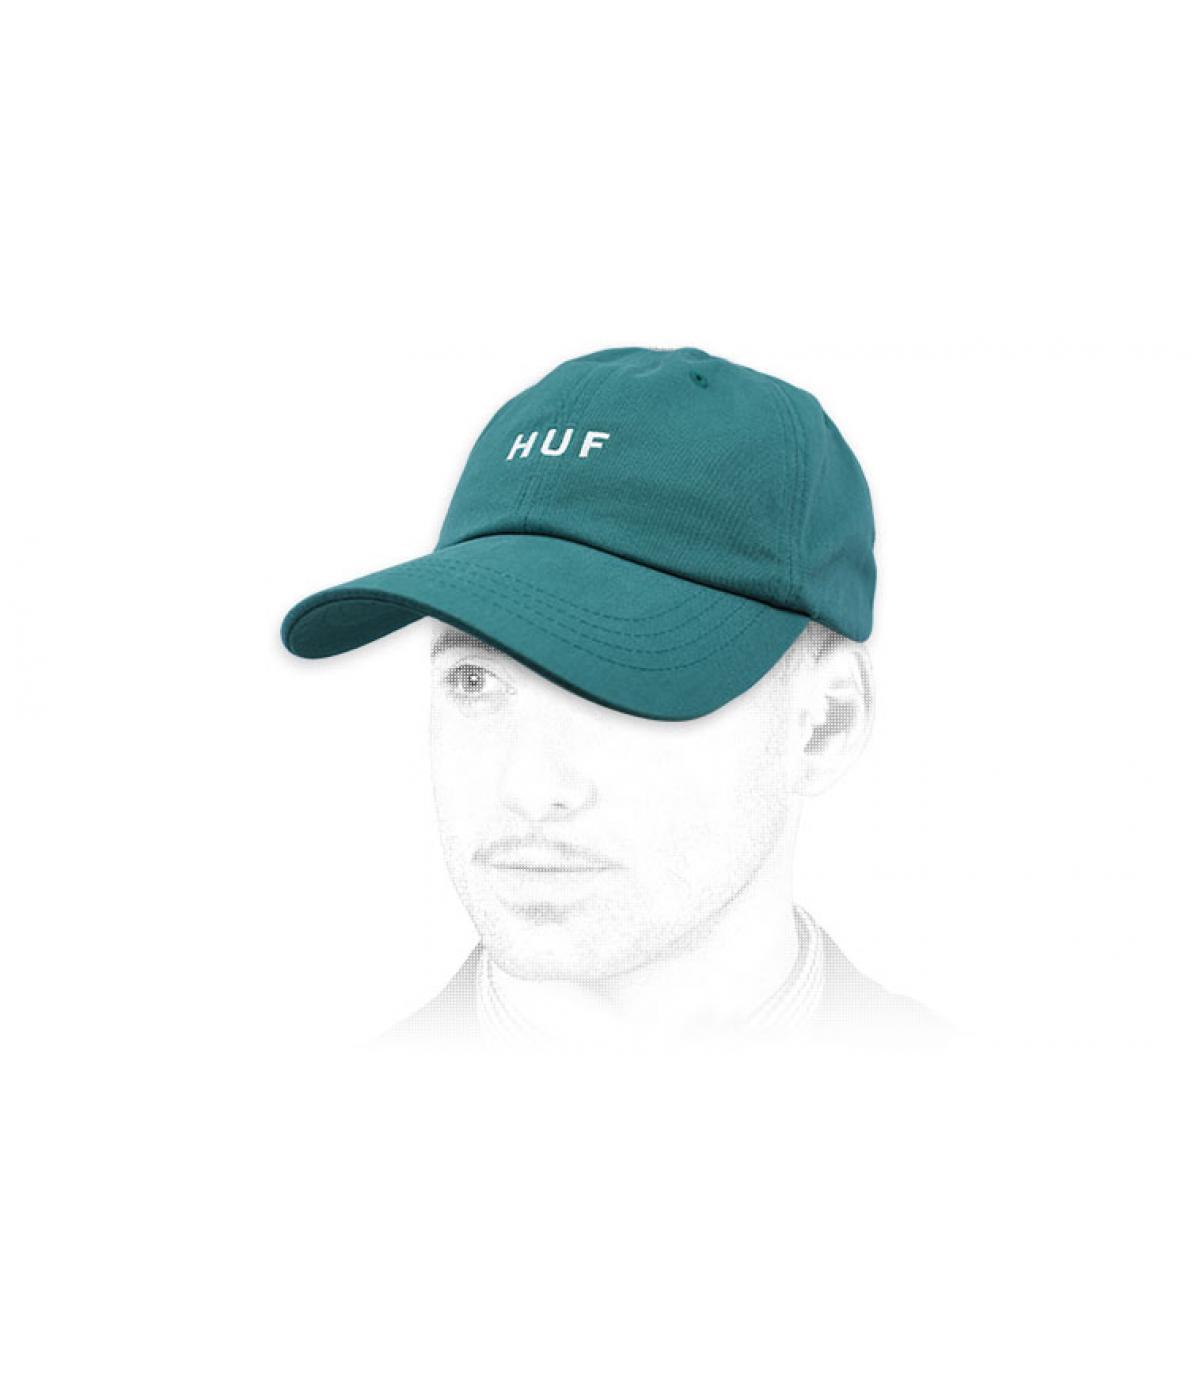 gorra Huf azul